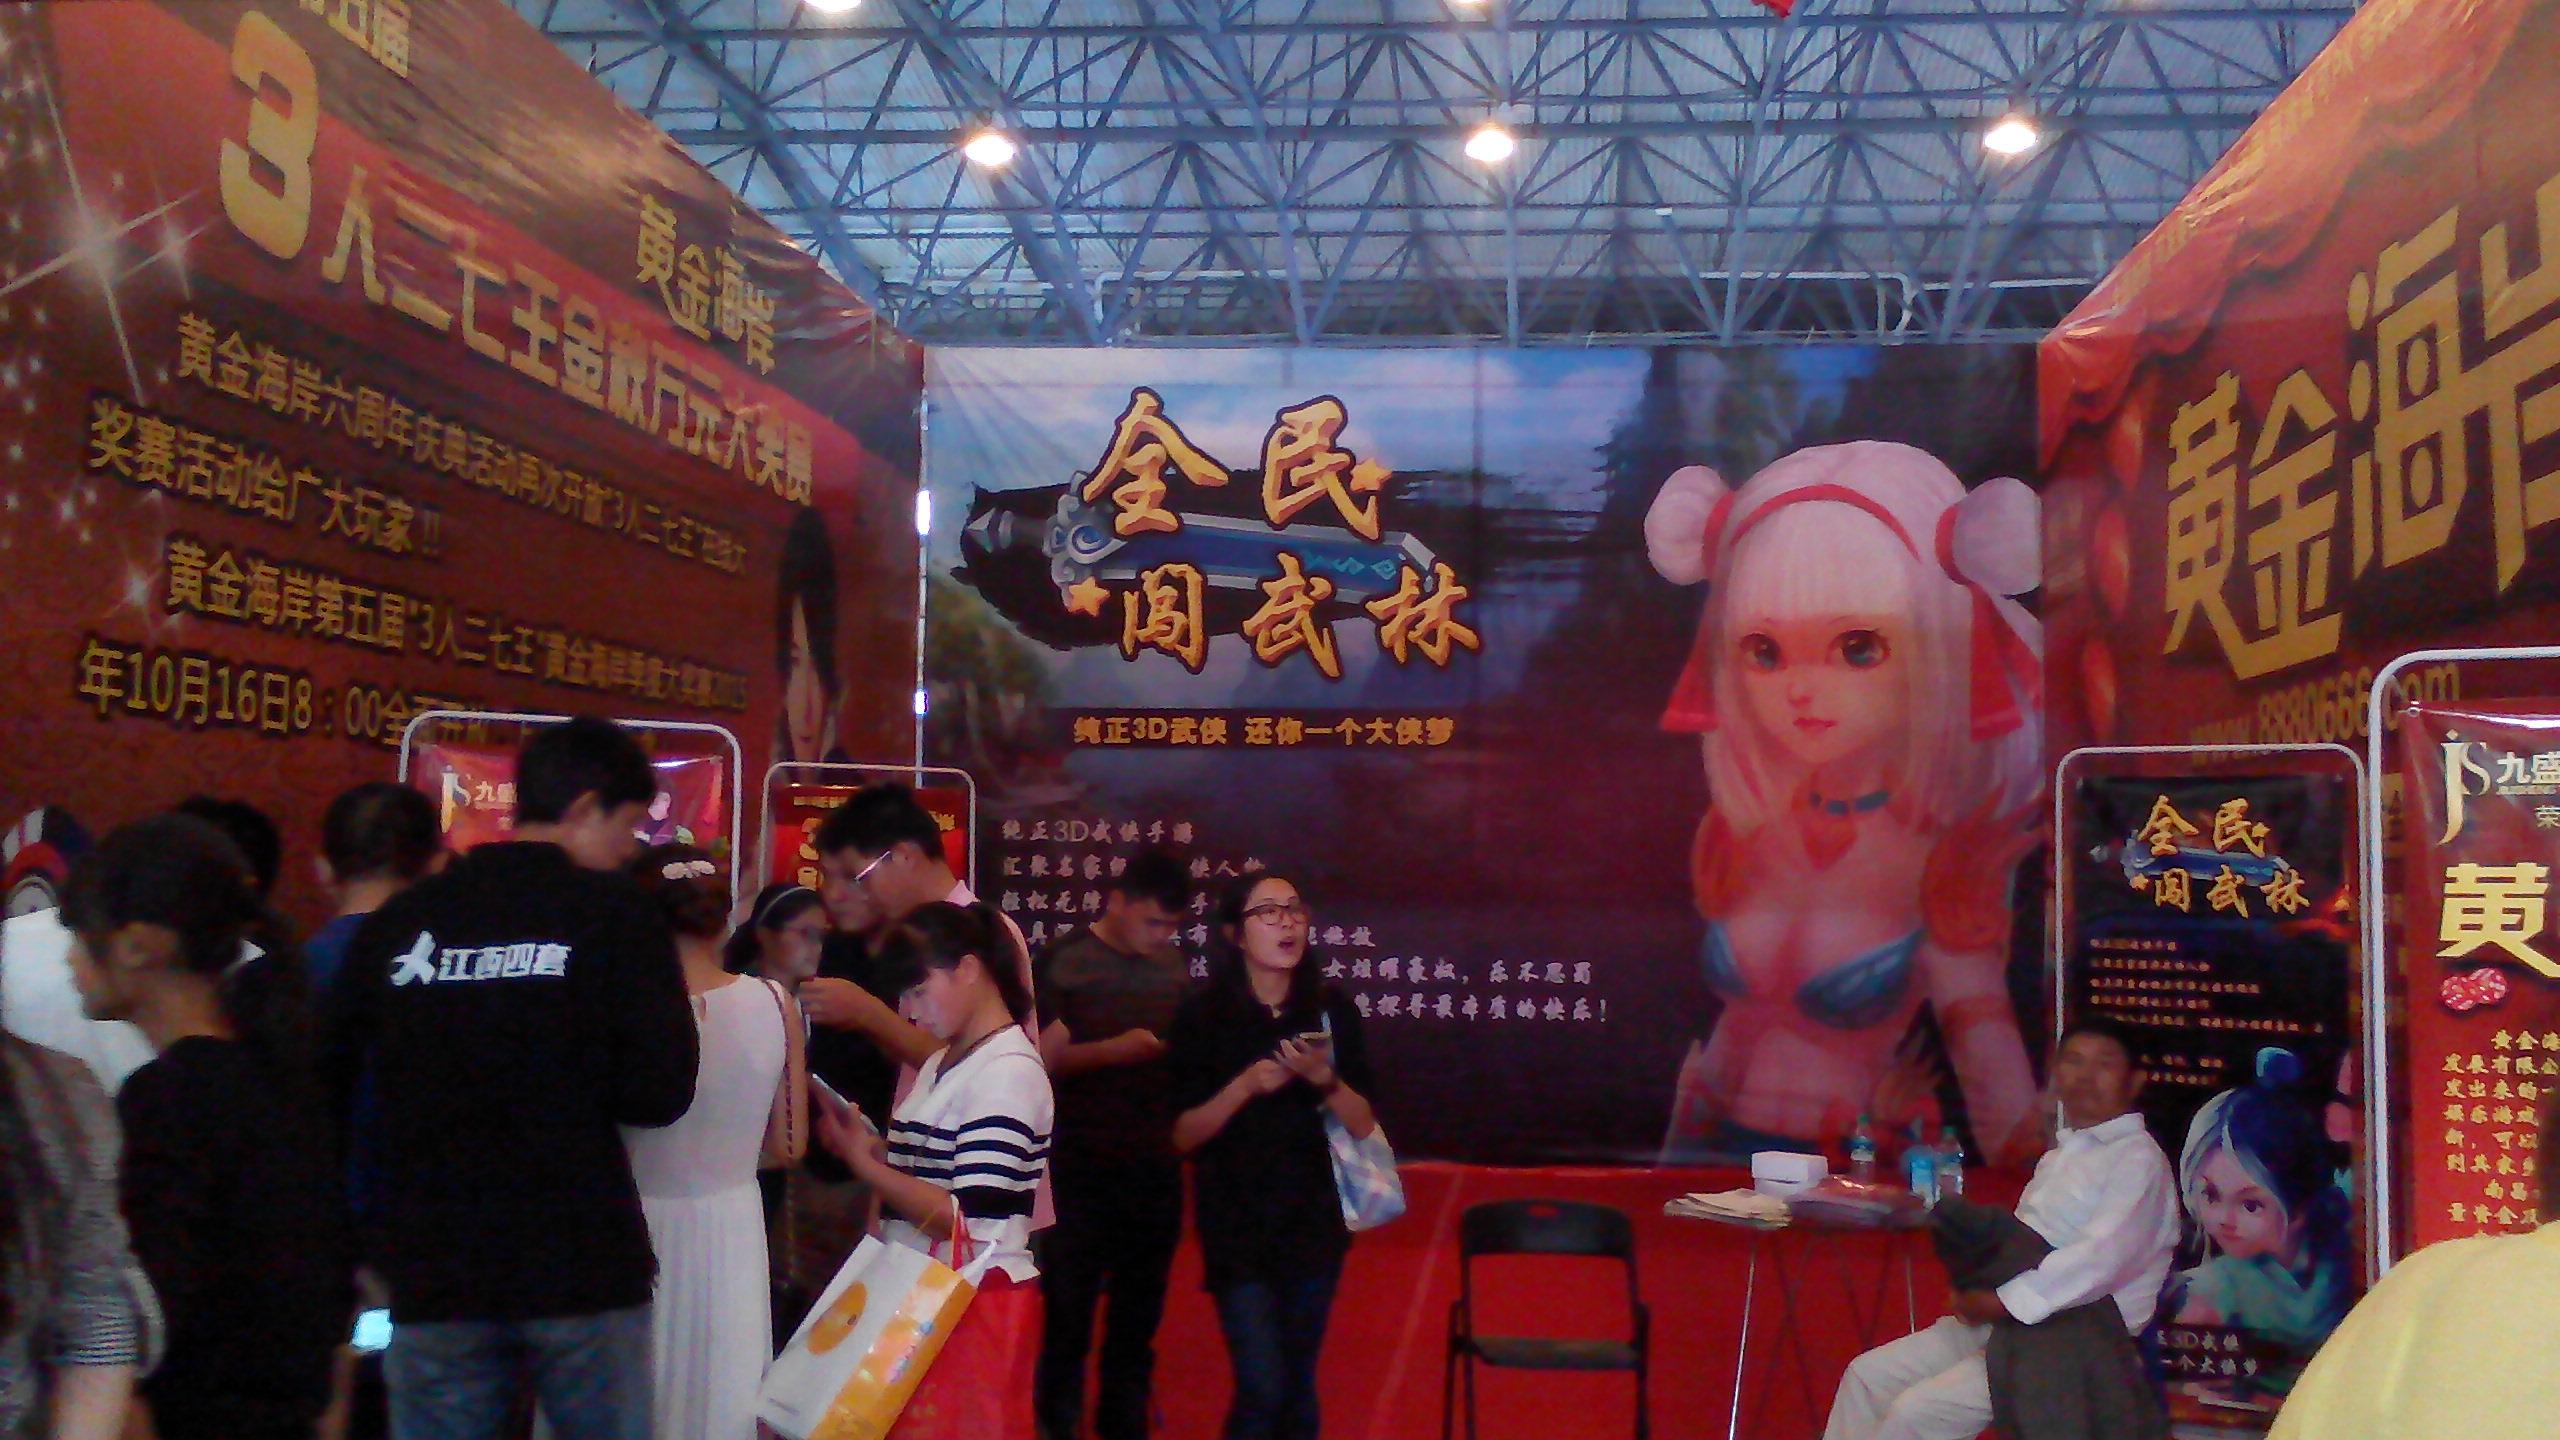 2015首届江西电视观众节黄金海岸游戏平台风采展示